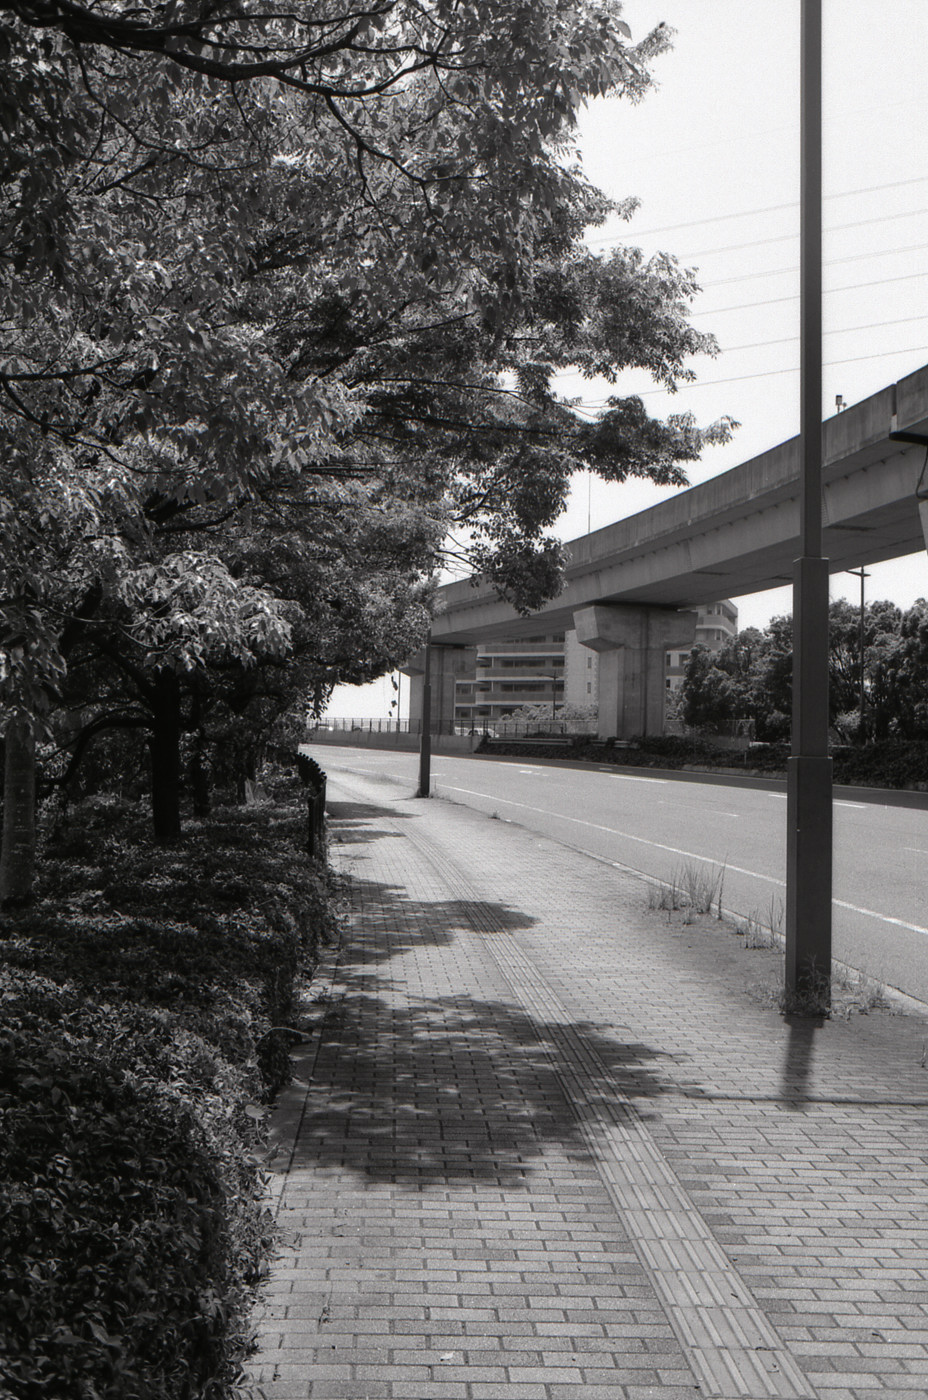 橋の方向でゲソ